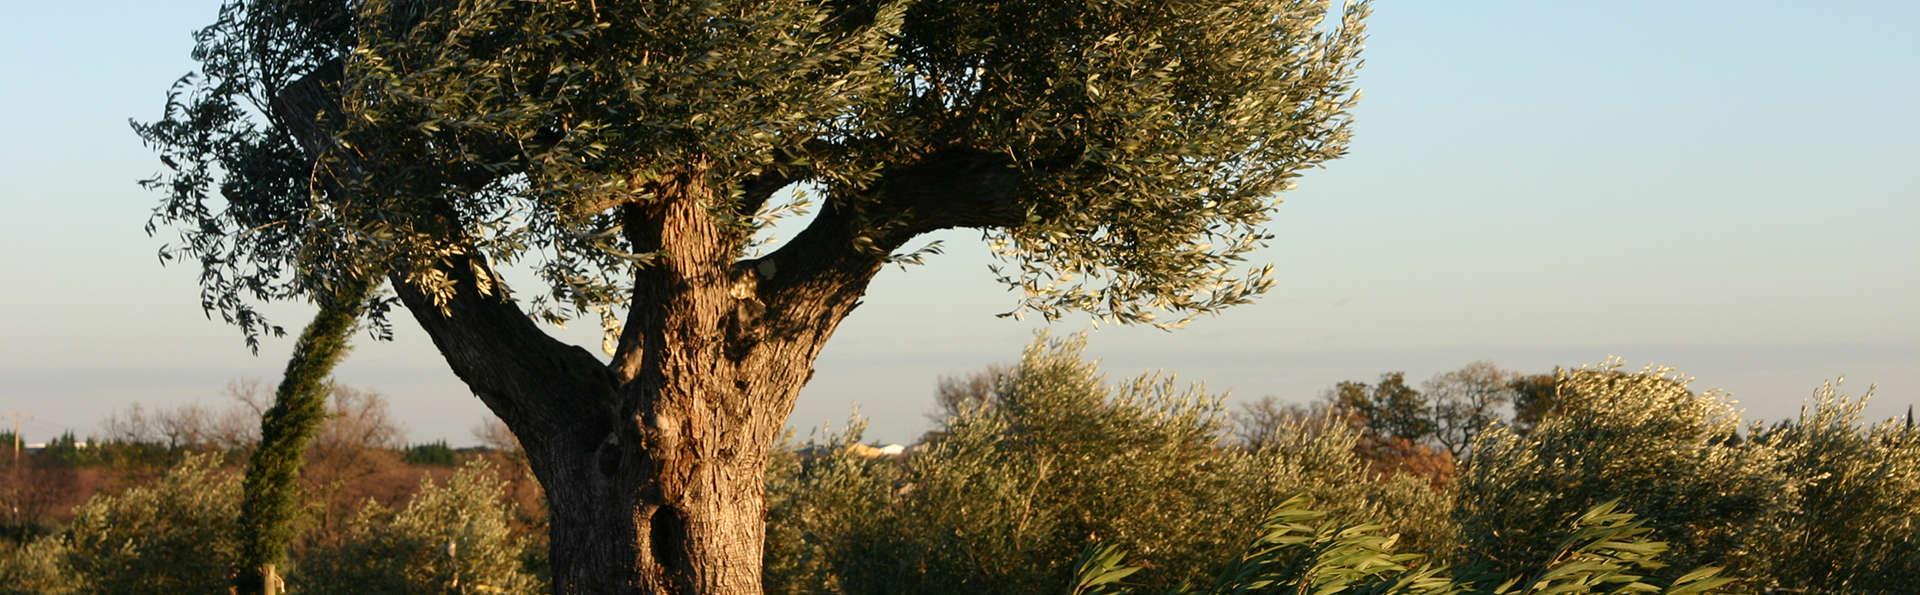 Week-end à la découverte de la Camargue avec visite d'une oliveraie